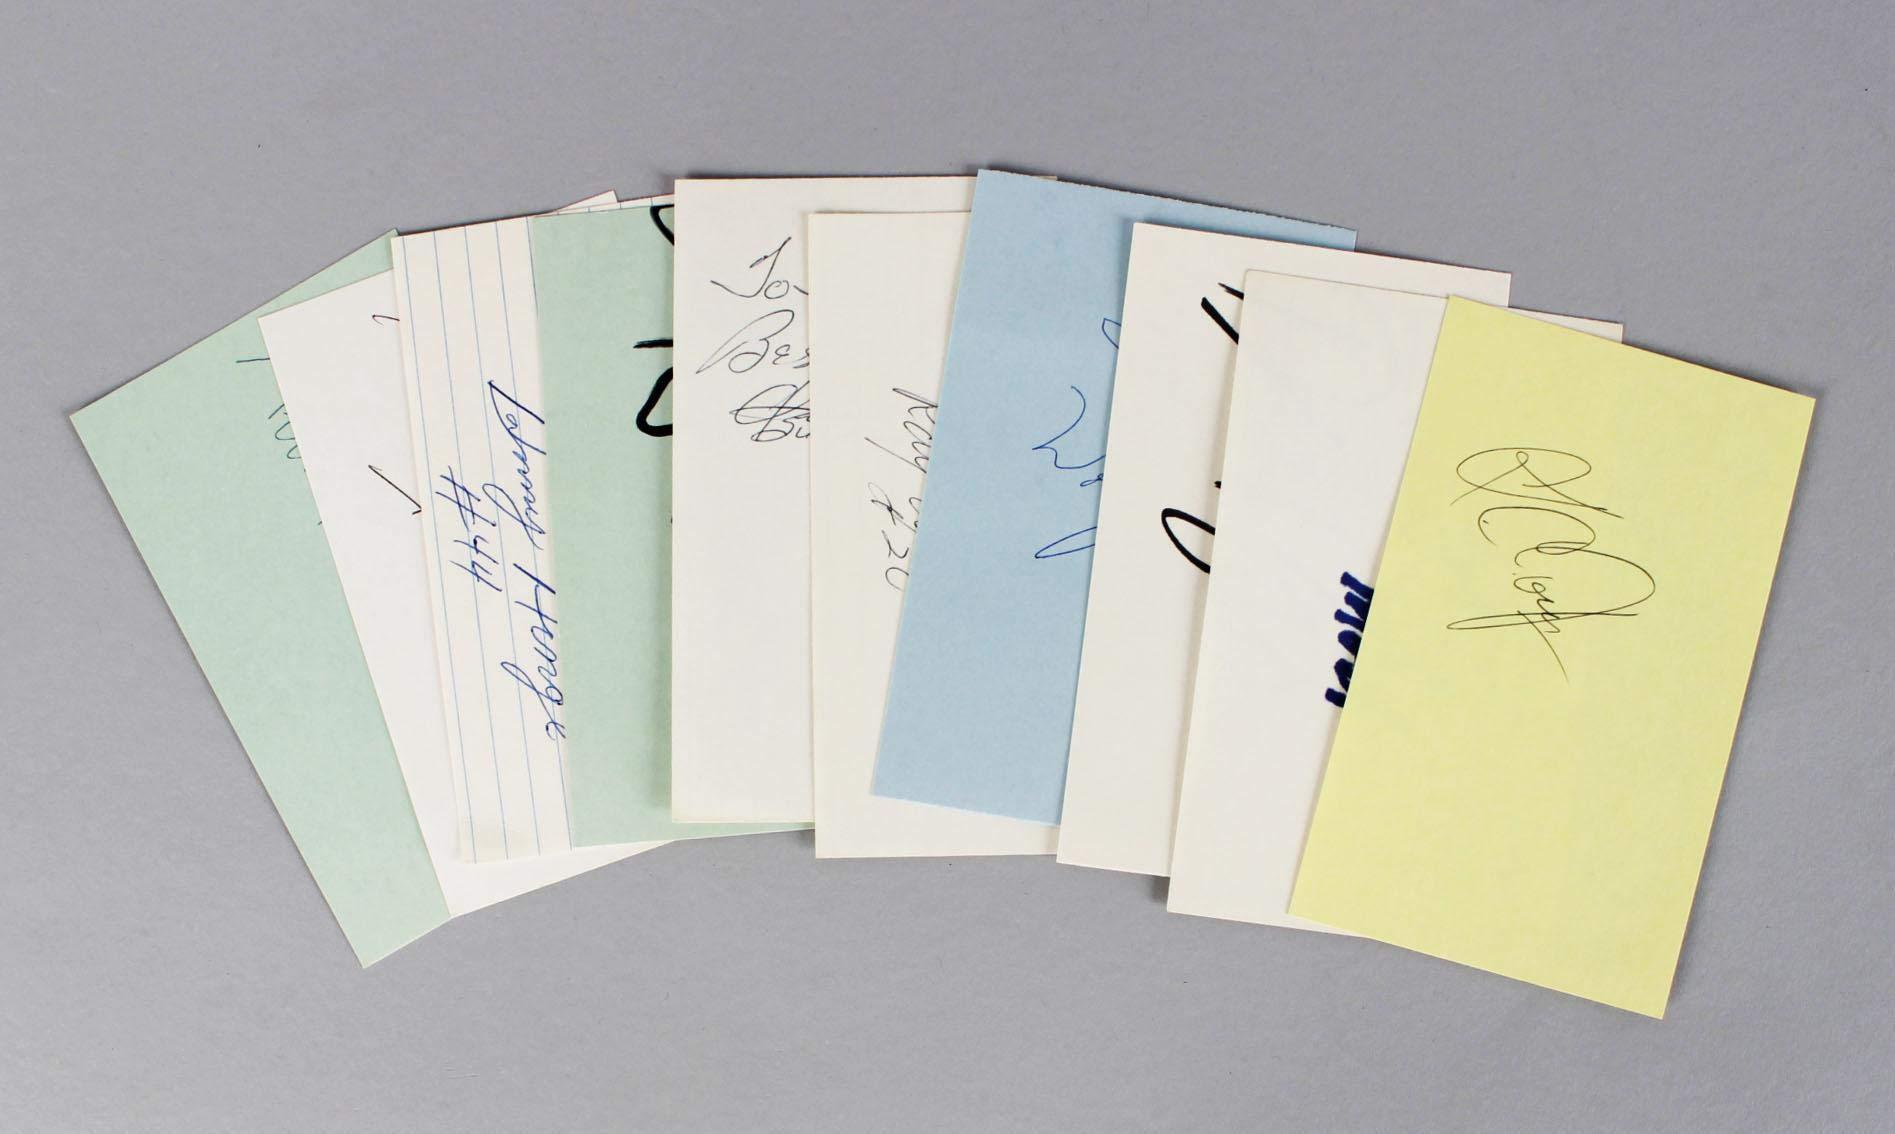 Celtics Signed 35 Index Card Lot (6) K.C. Jones, Johnny Most etc. COA JSA Certified NBA Cut Signatures